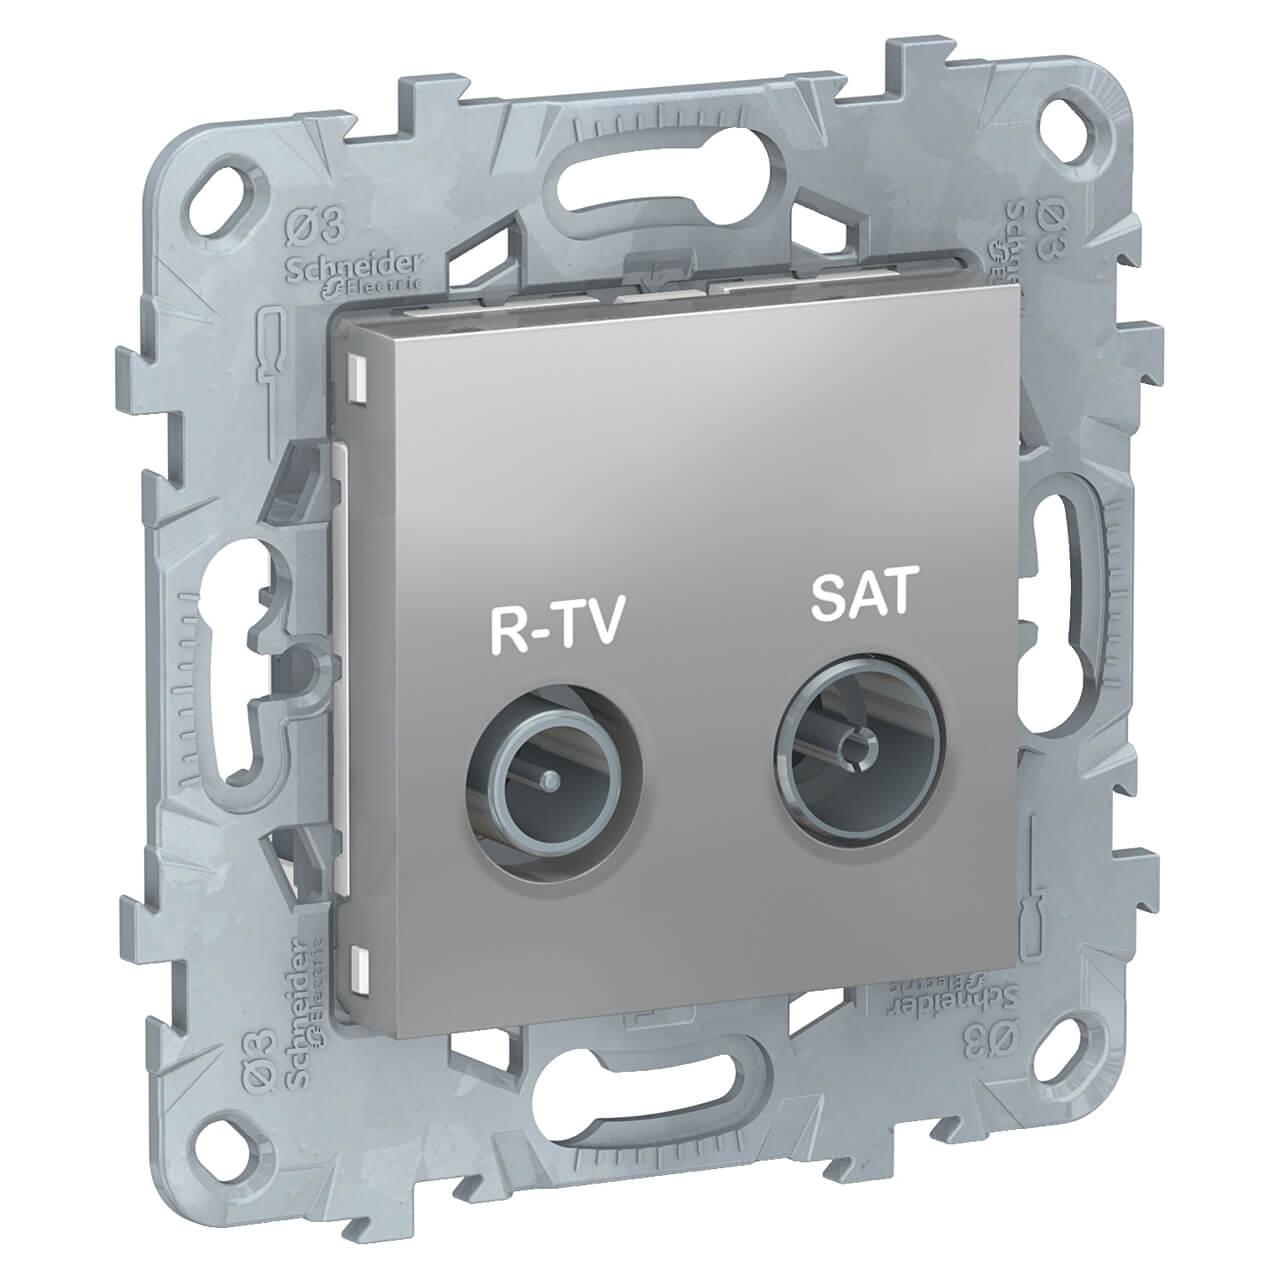 Розетка R-TV/SAT одиночная Schneider Electric Unica New NU545430